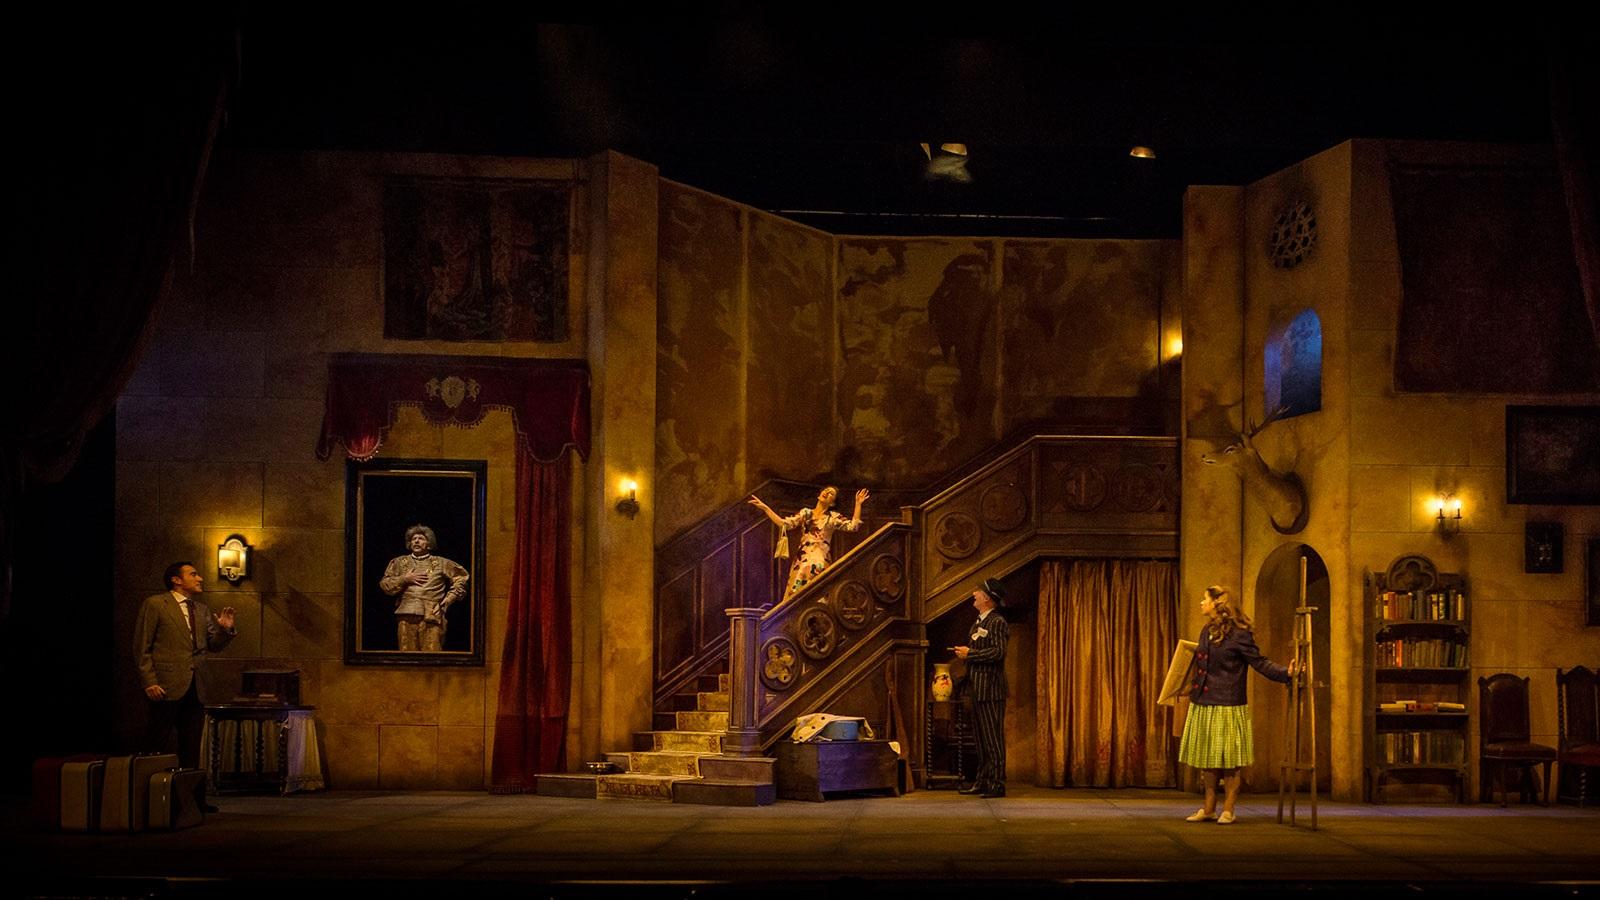 Teatre Condal